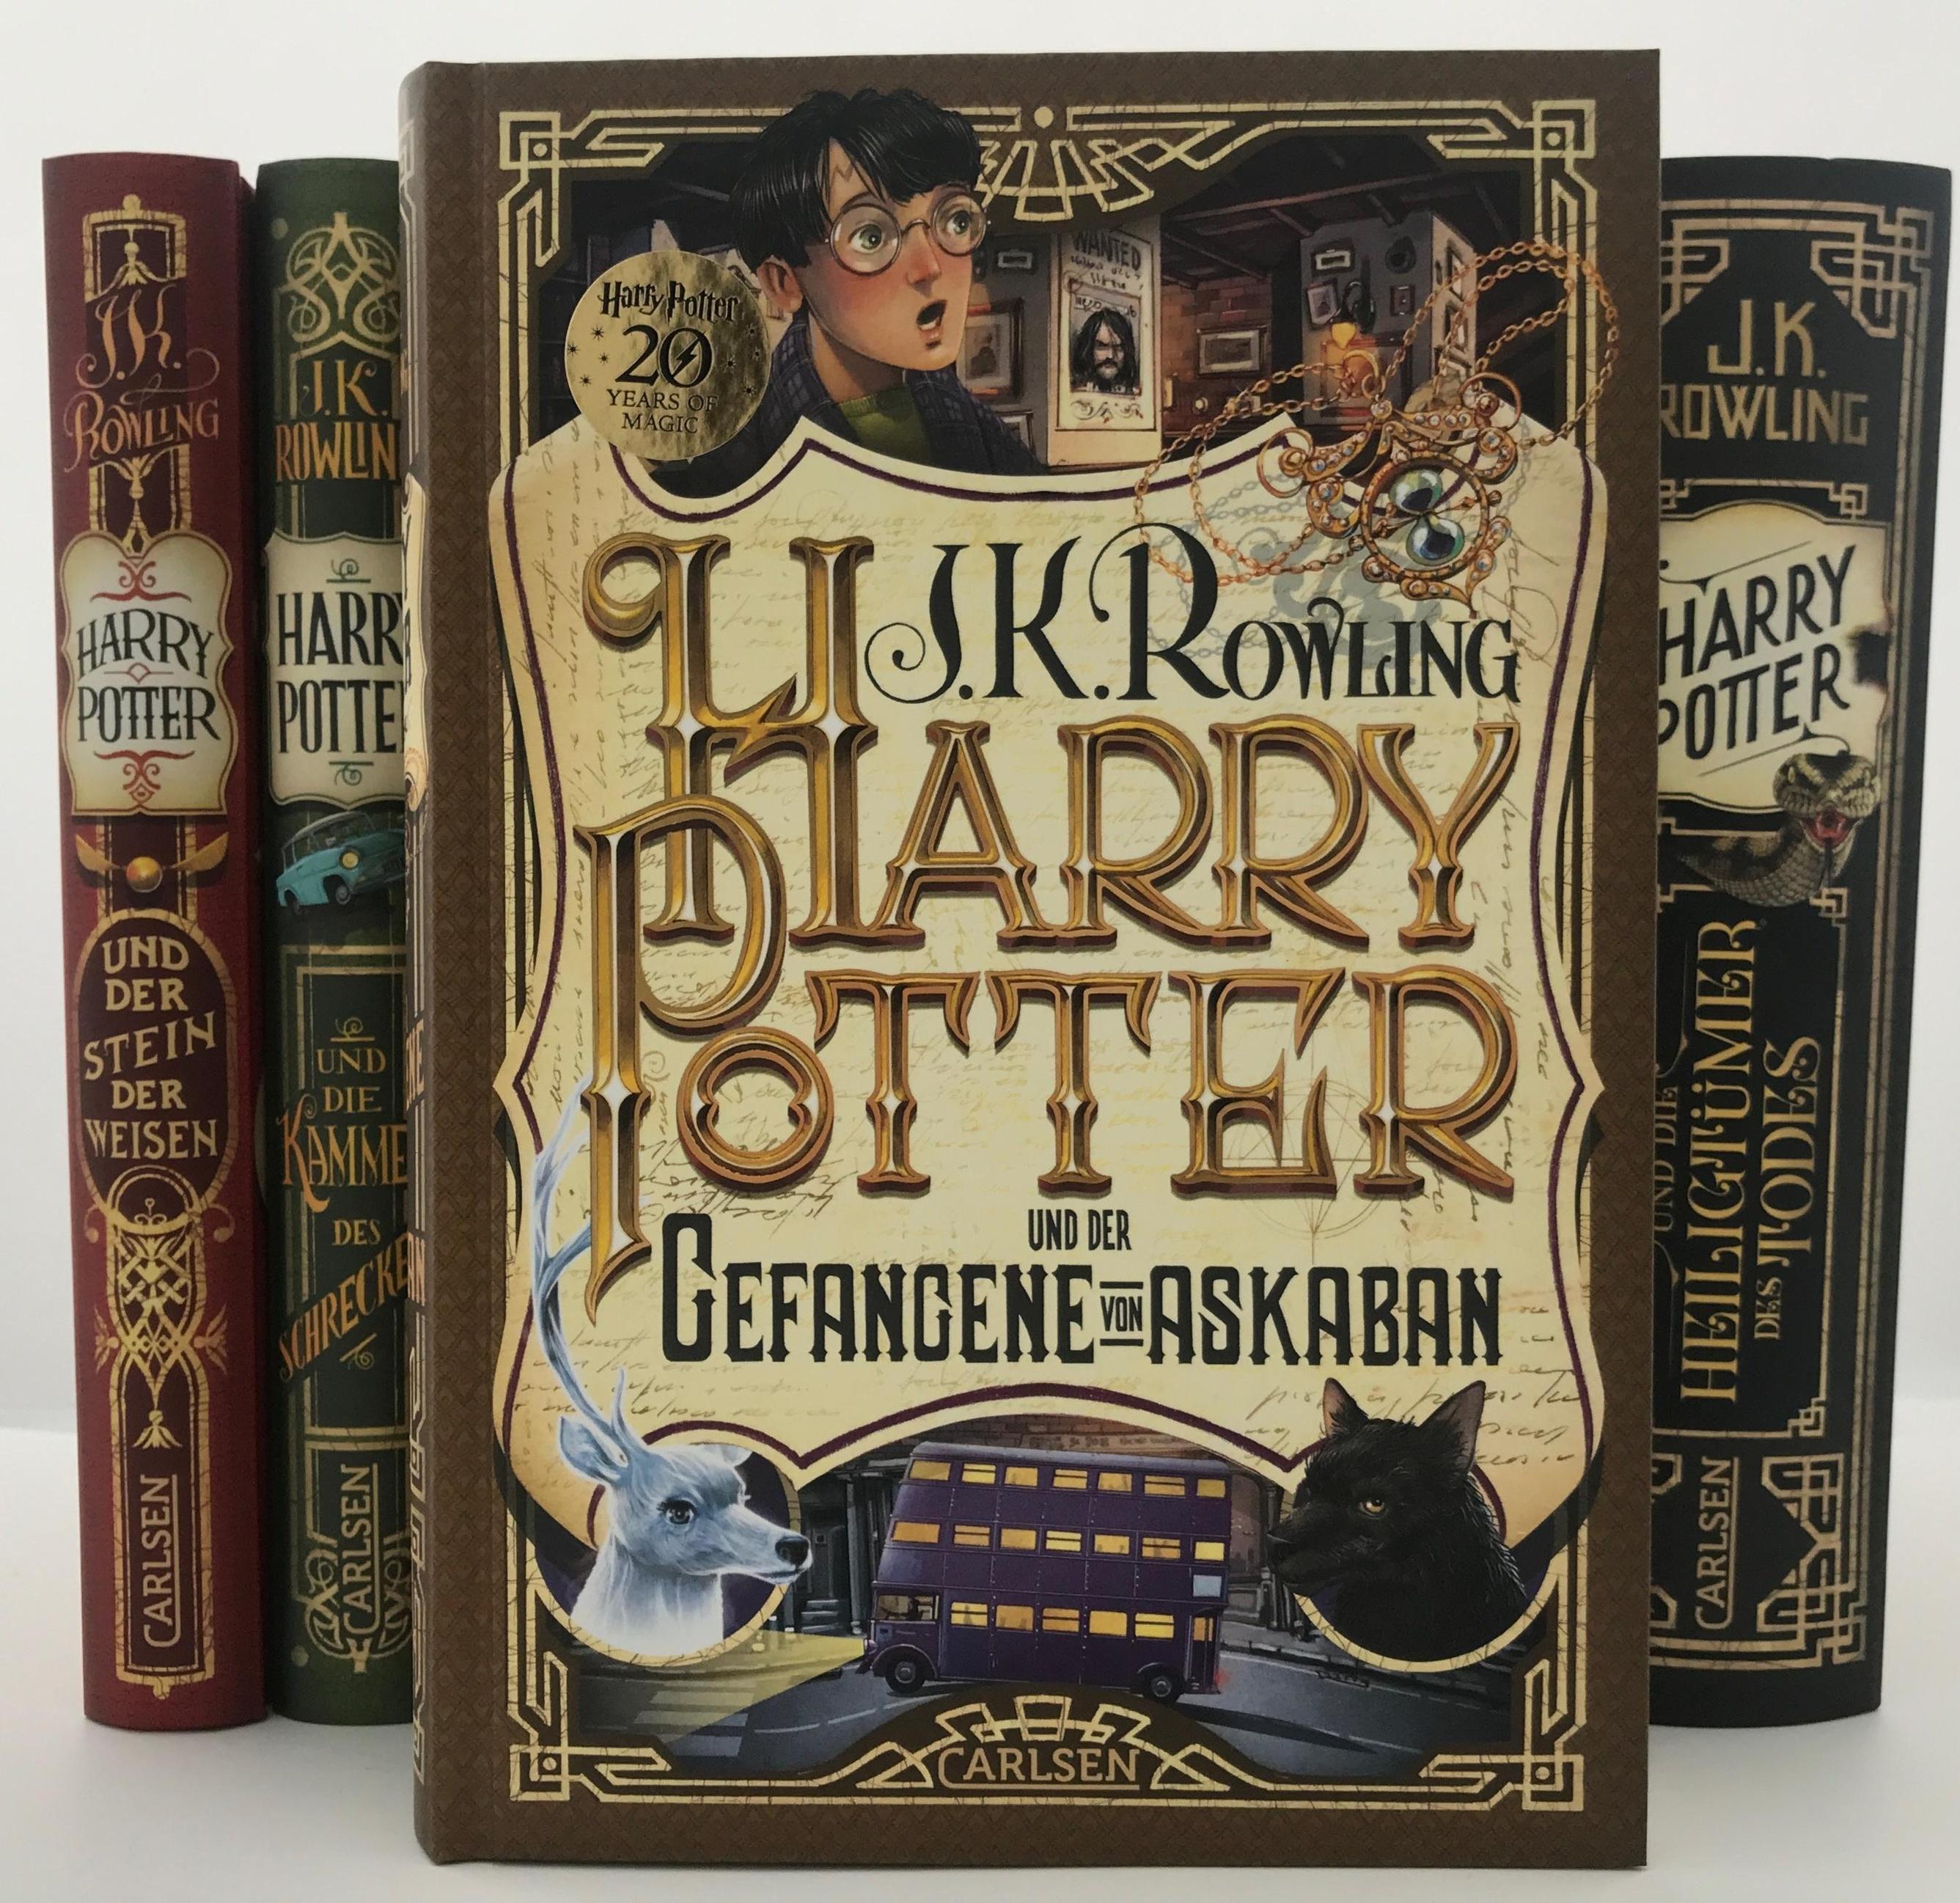 Harry Potter Und Der Gefangene Von Askaban Harry Potter Jubilaum Bd 3 Buch